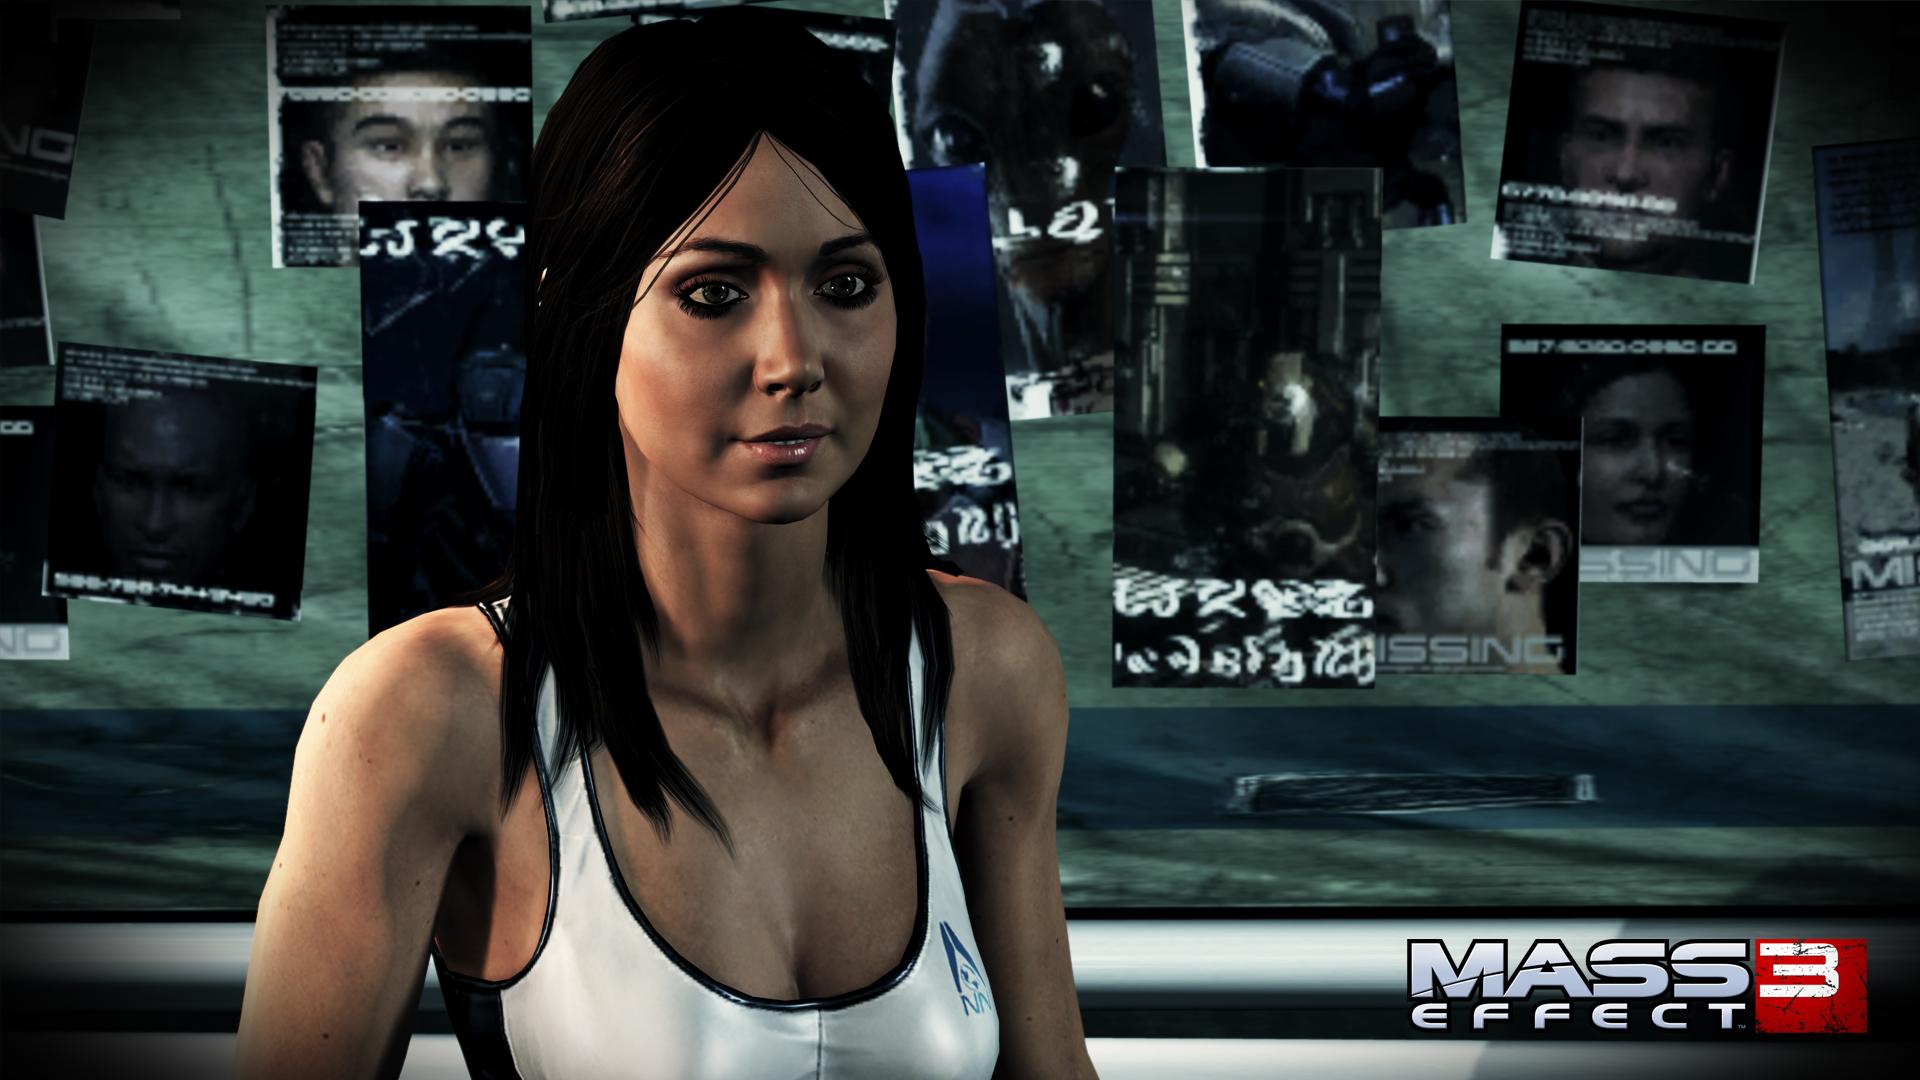 Las voces detrás de los personajes en Mass Effect 3 [Vídeo]